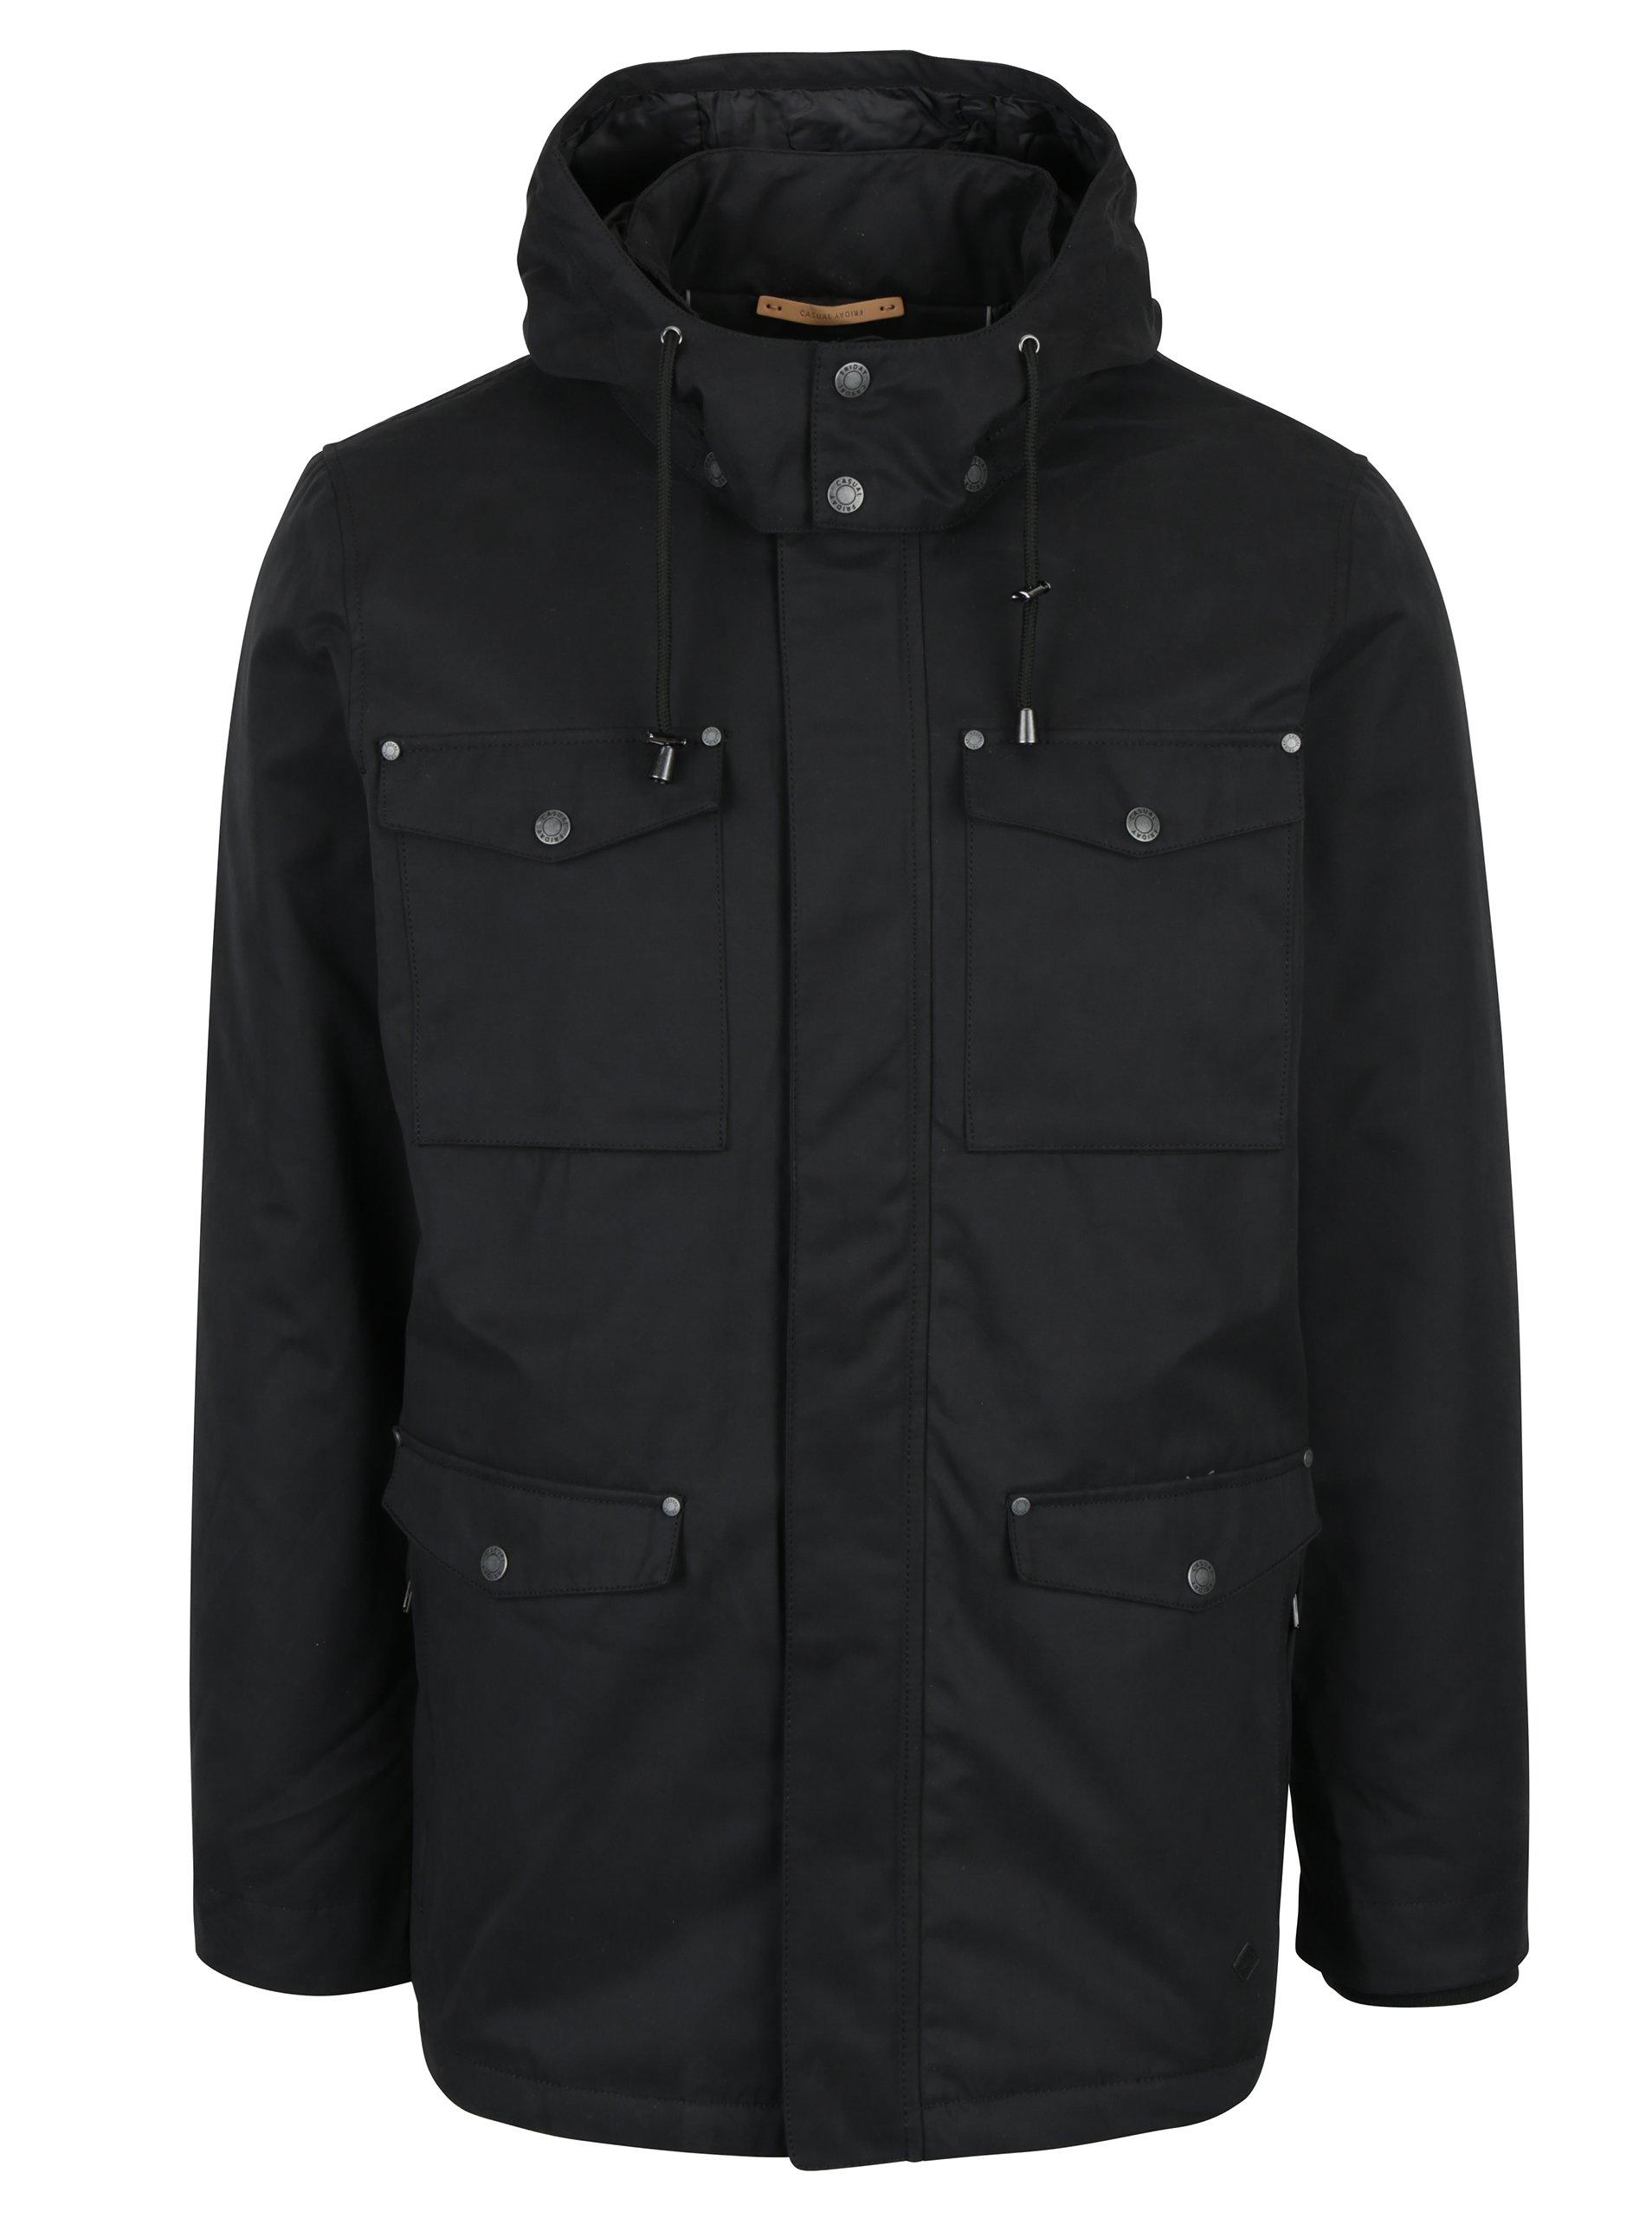 Černá bunda s odnímatelnou kapucí Casual Friday by Blend